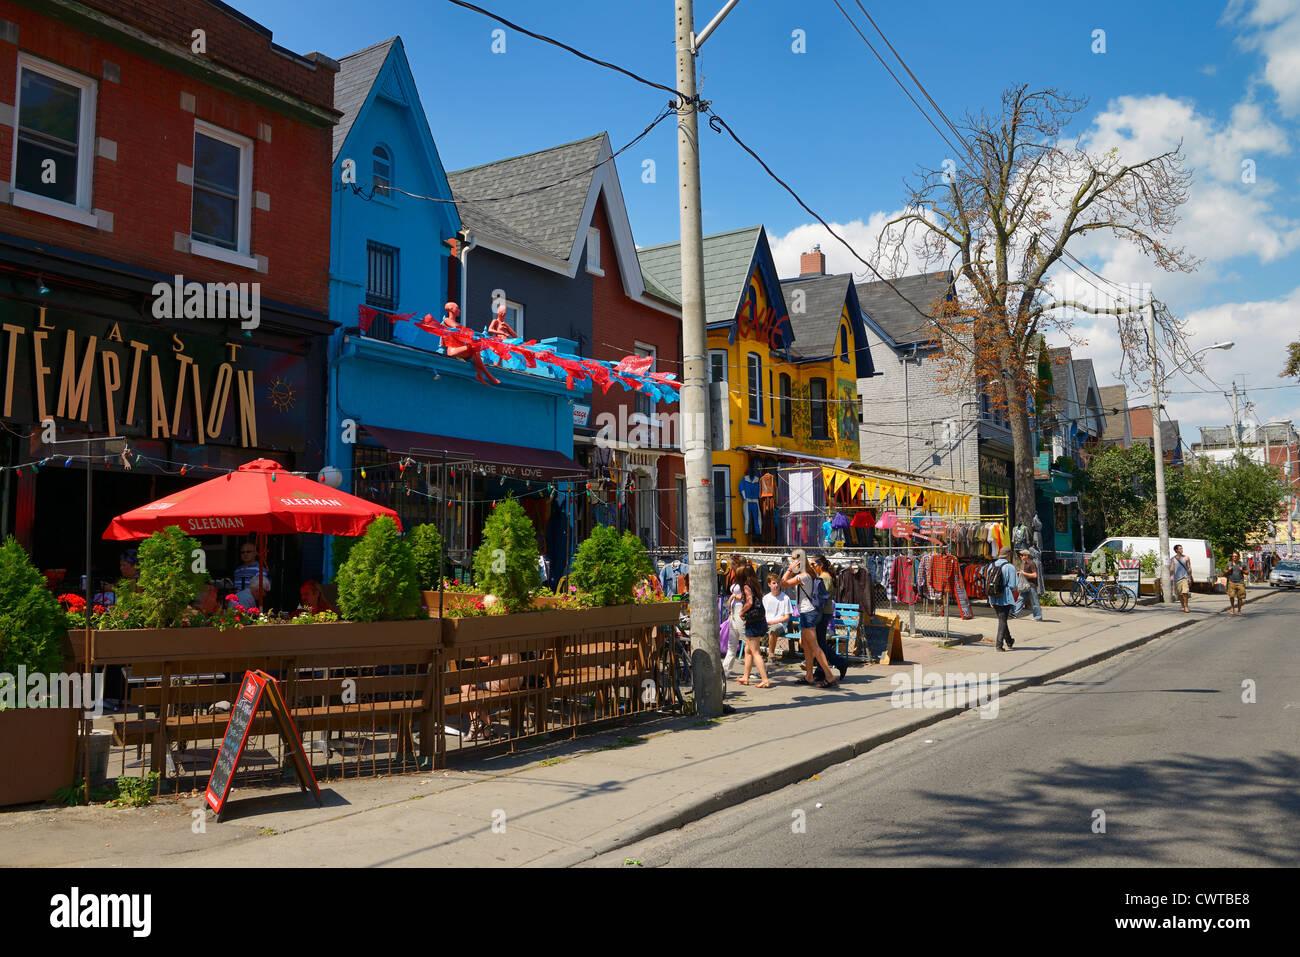 Negozi colorati e gli edifici su Kensington avenue Market a Toronto in estate Immagini Stock